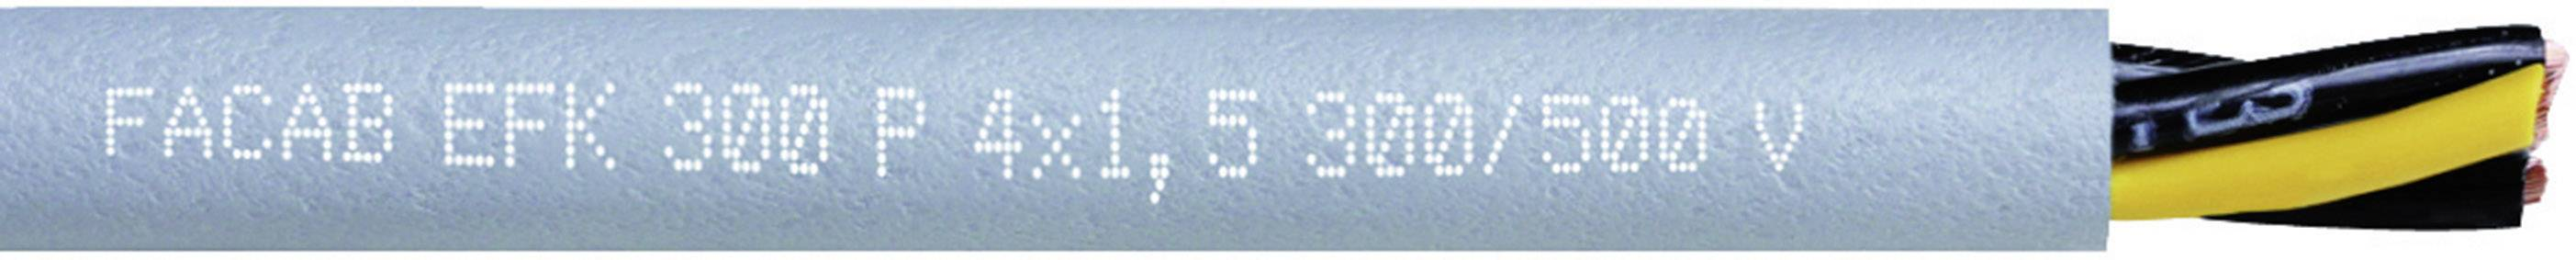 Tažný kabel Faber Kabel EFK 300 P AD300 - SCHLEPPLTG. TPE/PUR (030955), 5x 1,5 mm², polyurethan, Ø 8,7 mm, nes